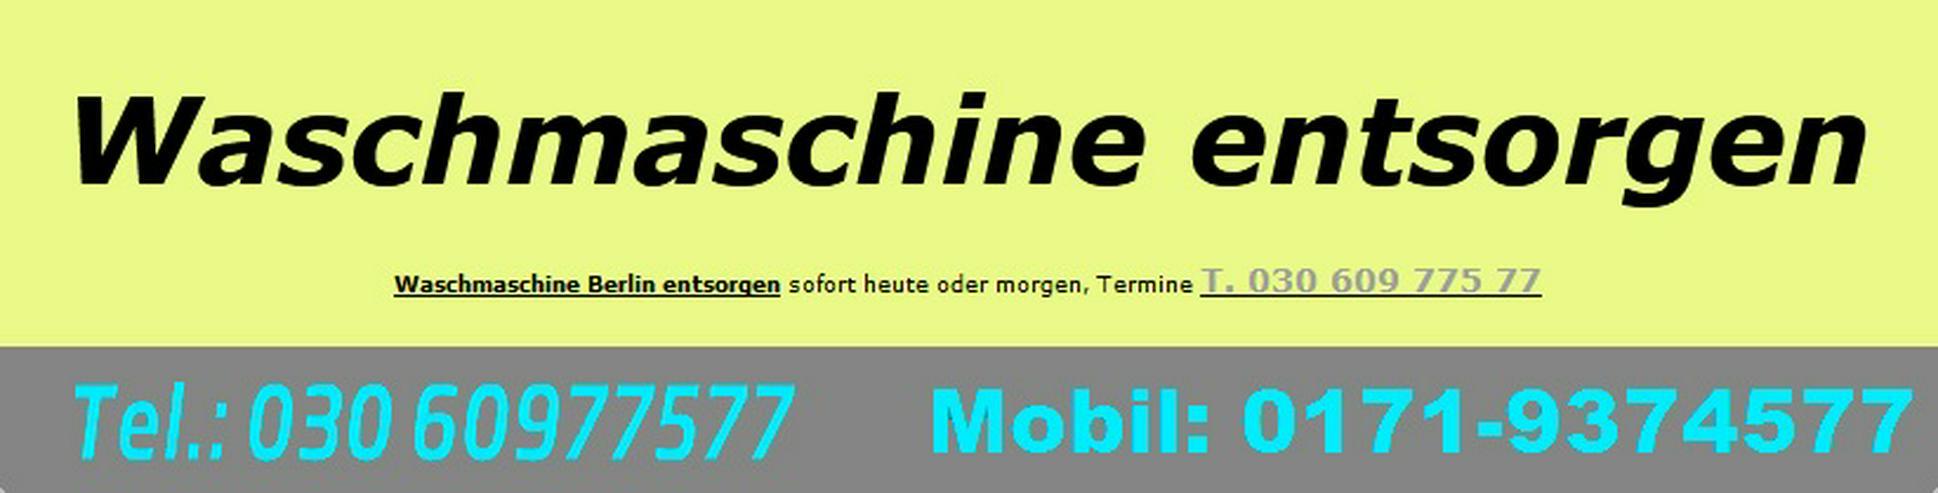 Waschmaschine entsorgen Berlin - Haushaltsgeräte - Bild 1